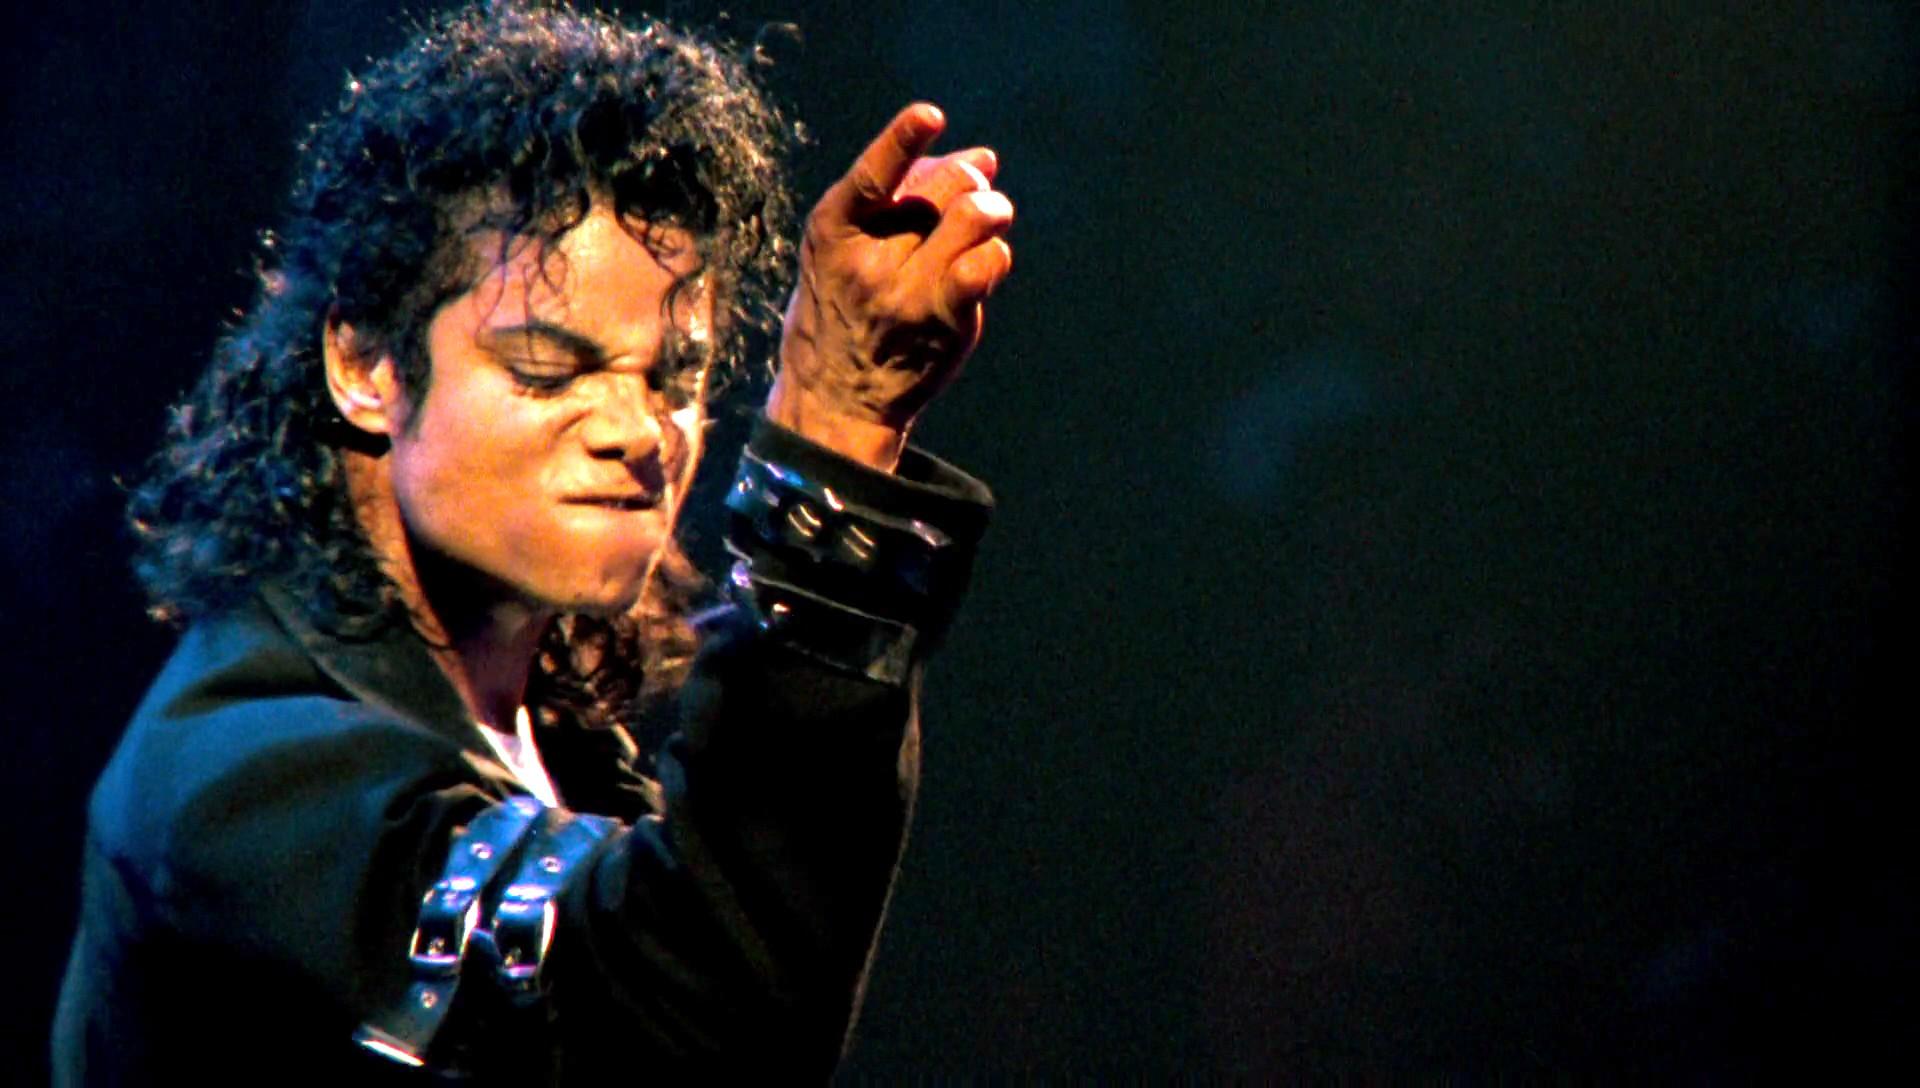 Michael Jackson without sleep